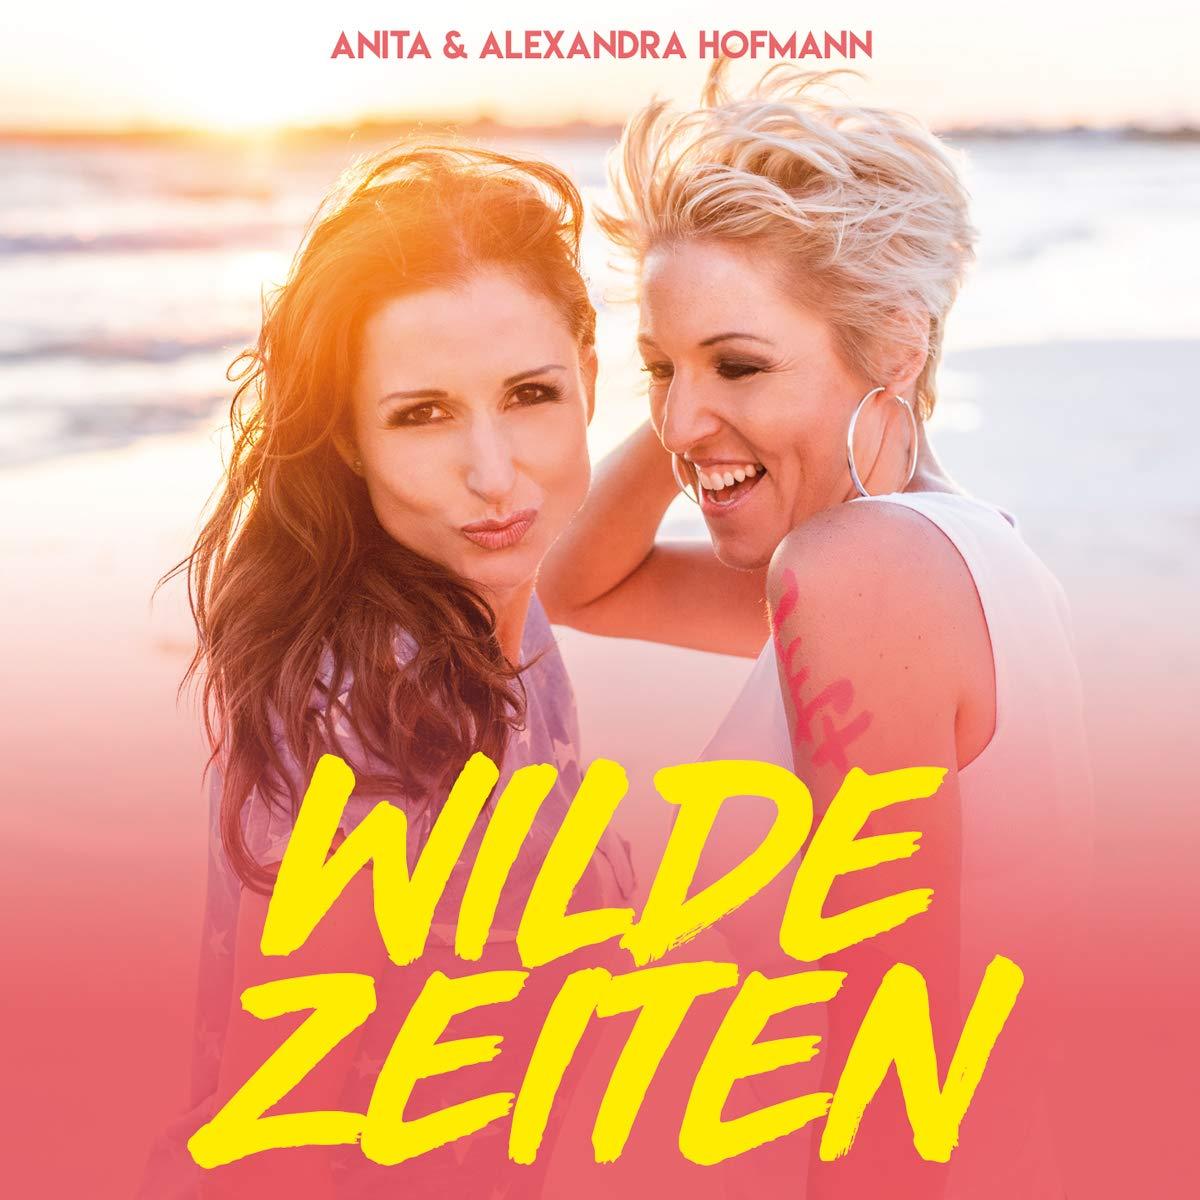 ANITA & ALEXANDRA HOFMANN * Wilde Zeiten (CD) * Auch als Fan-Box erhältlich!